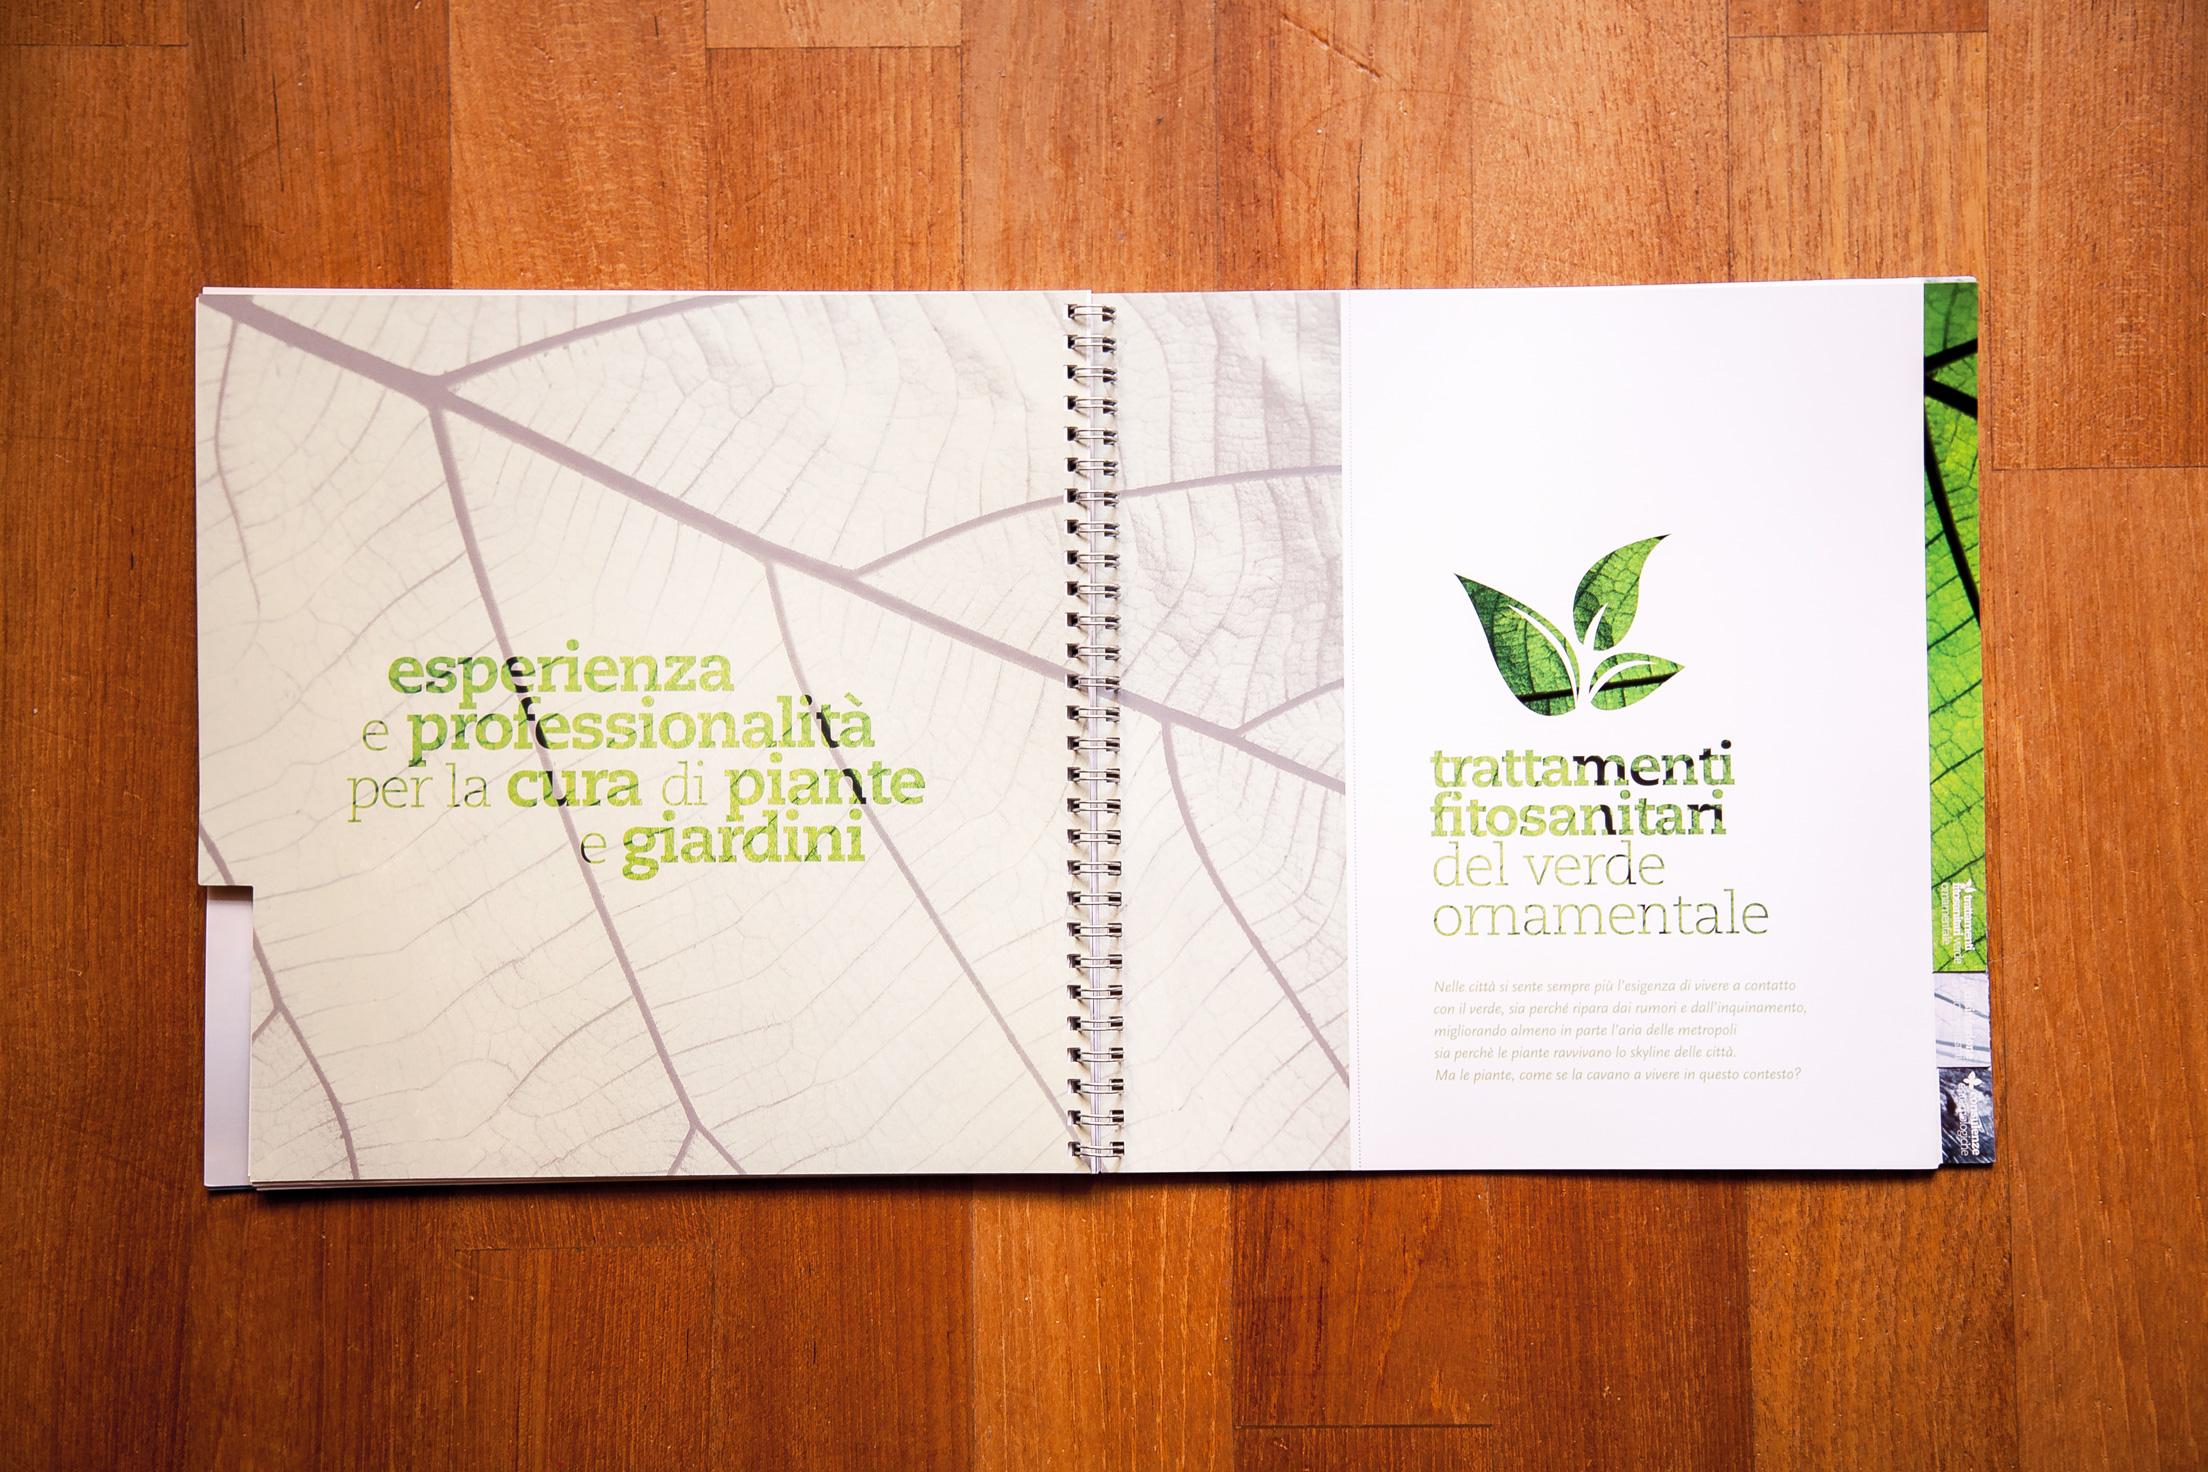 BIOSISTEMI company profile, trattamenti fitosanitari